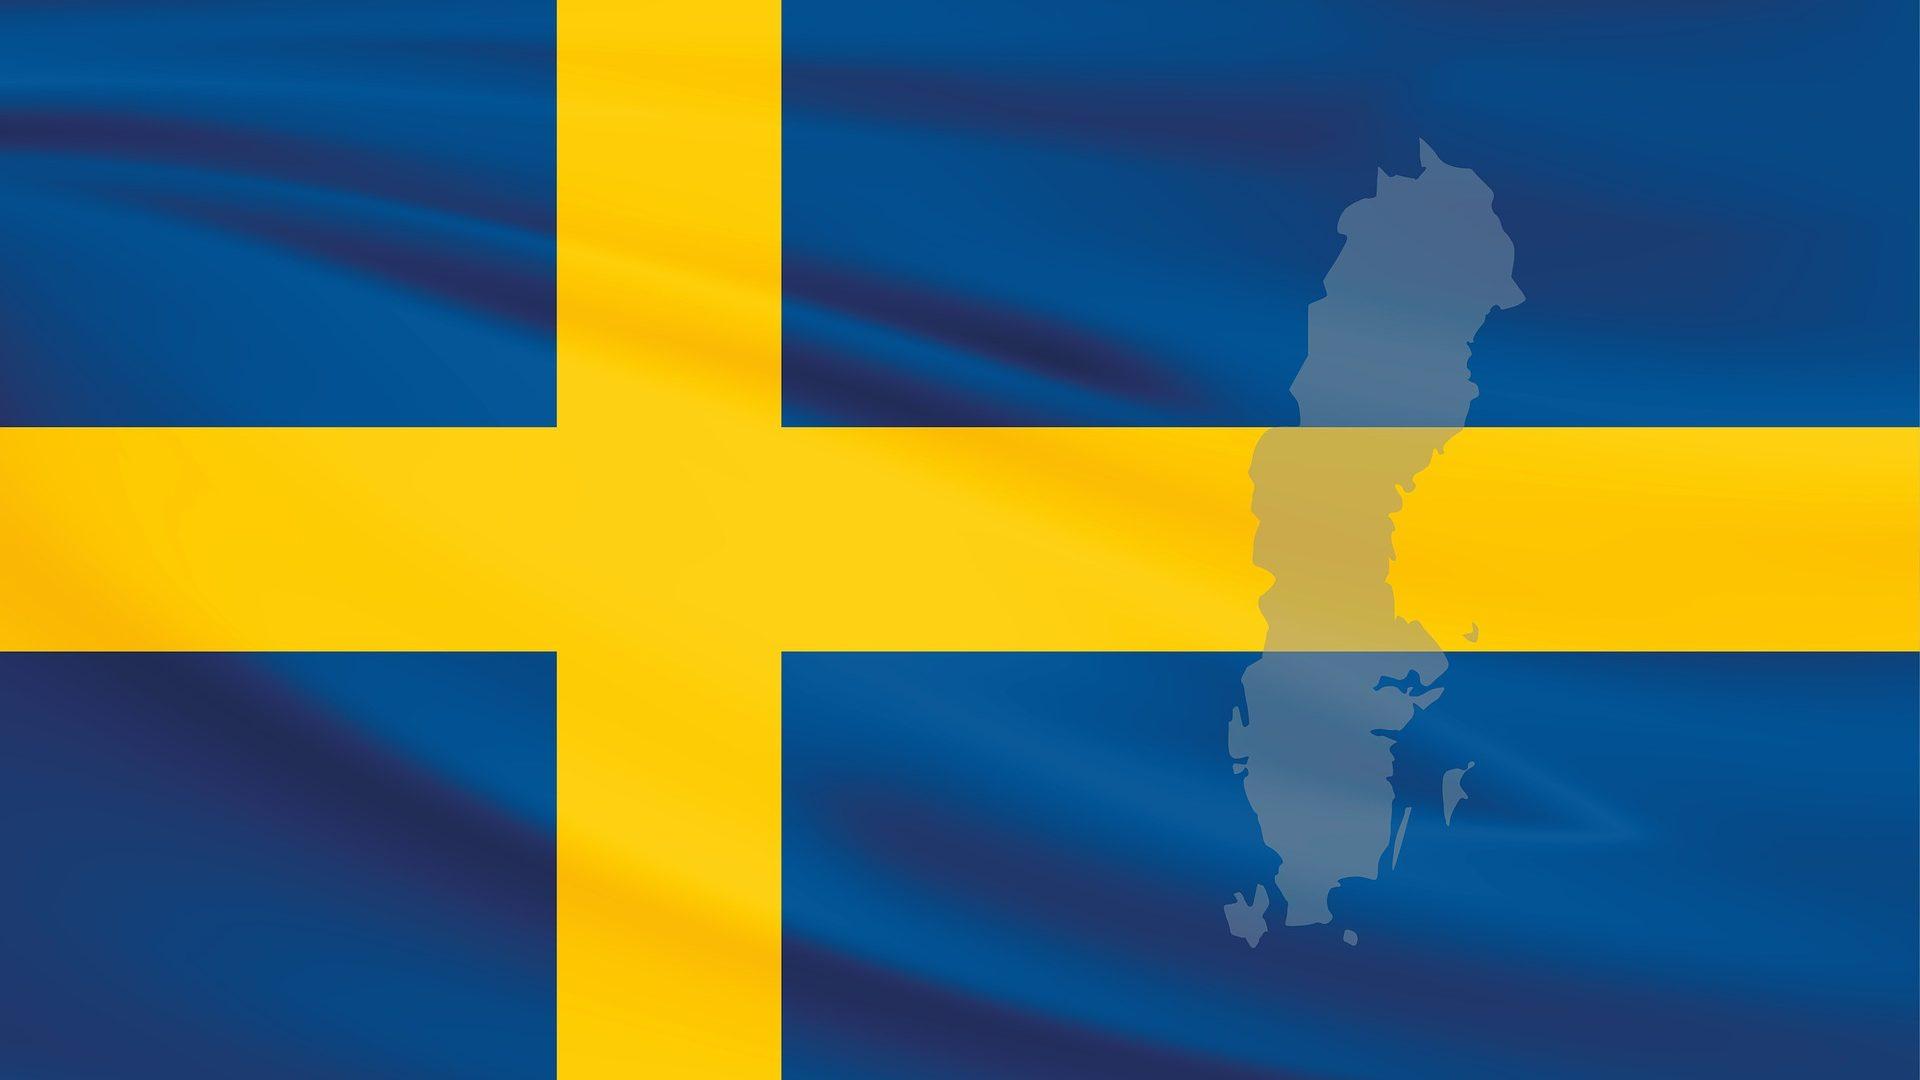 Flug nach Schweden